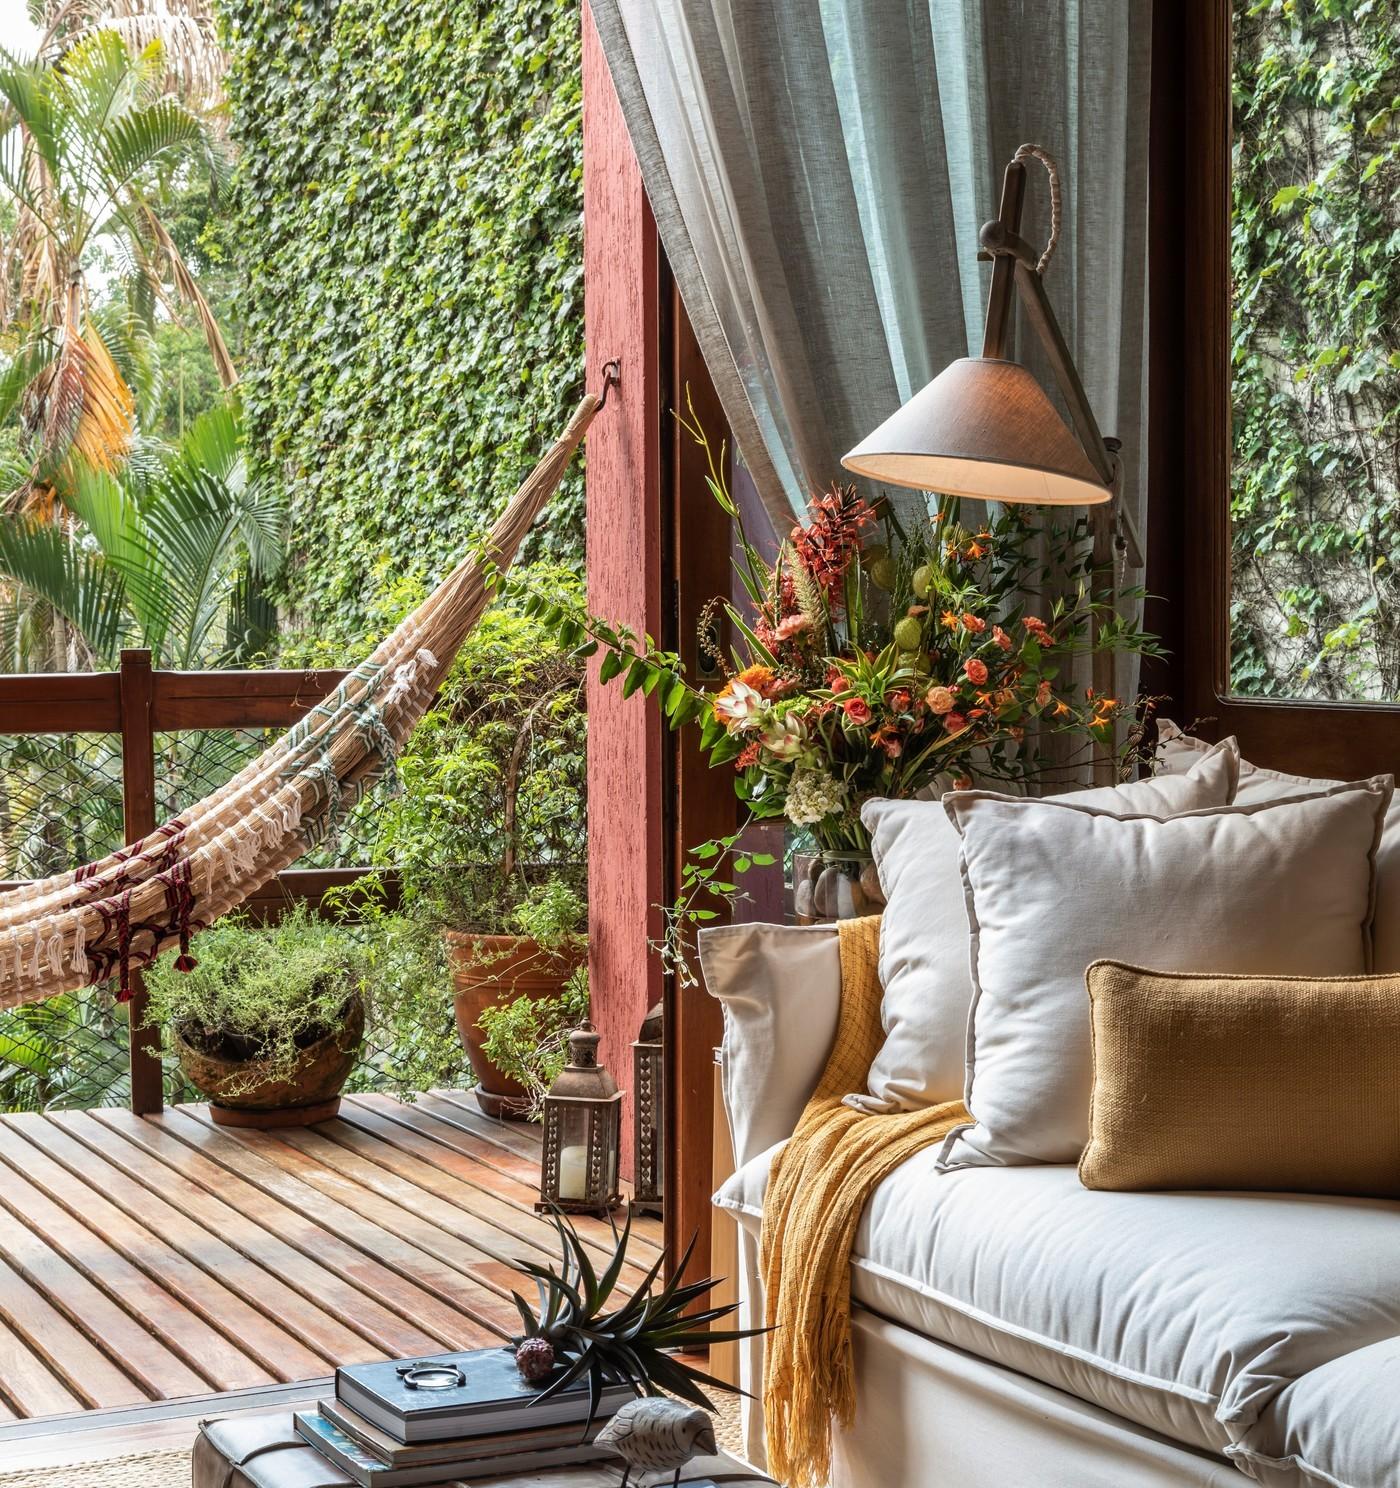 Décor do dia: sala de estar com estilo rústico e clima de campo (Foto: Divulgação)